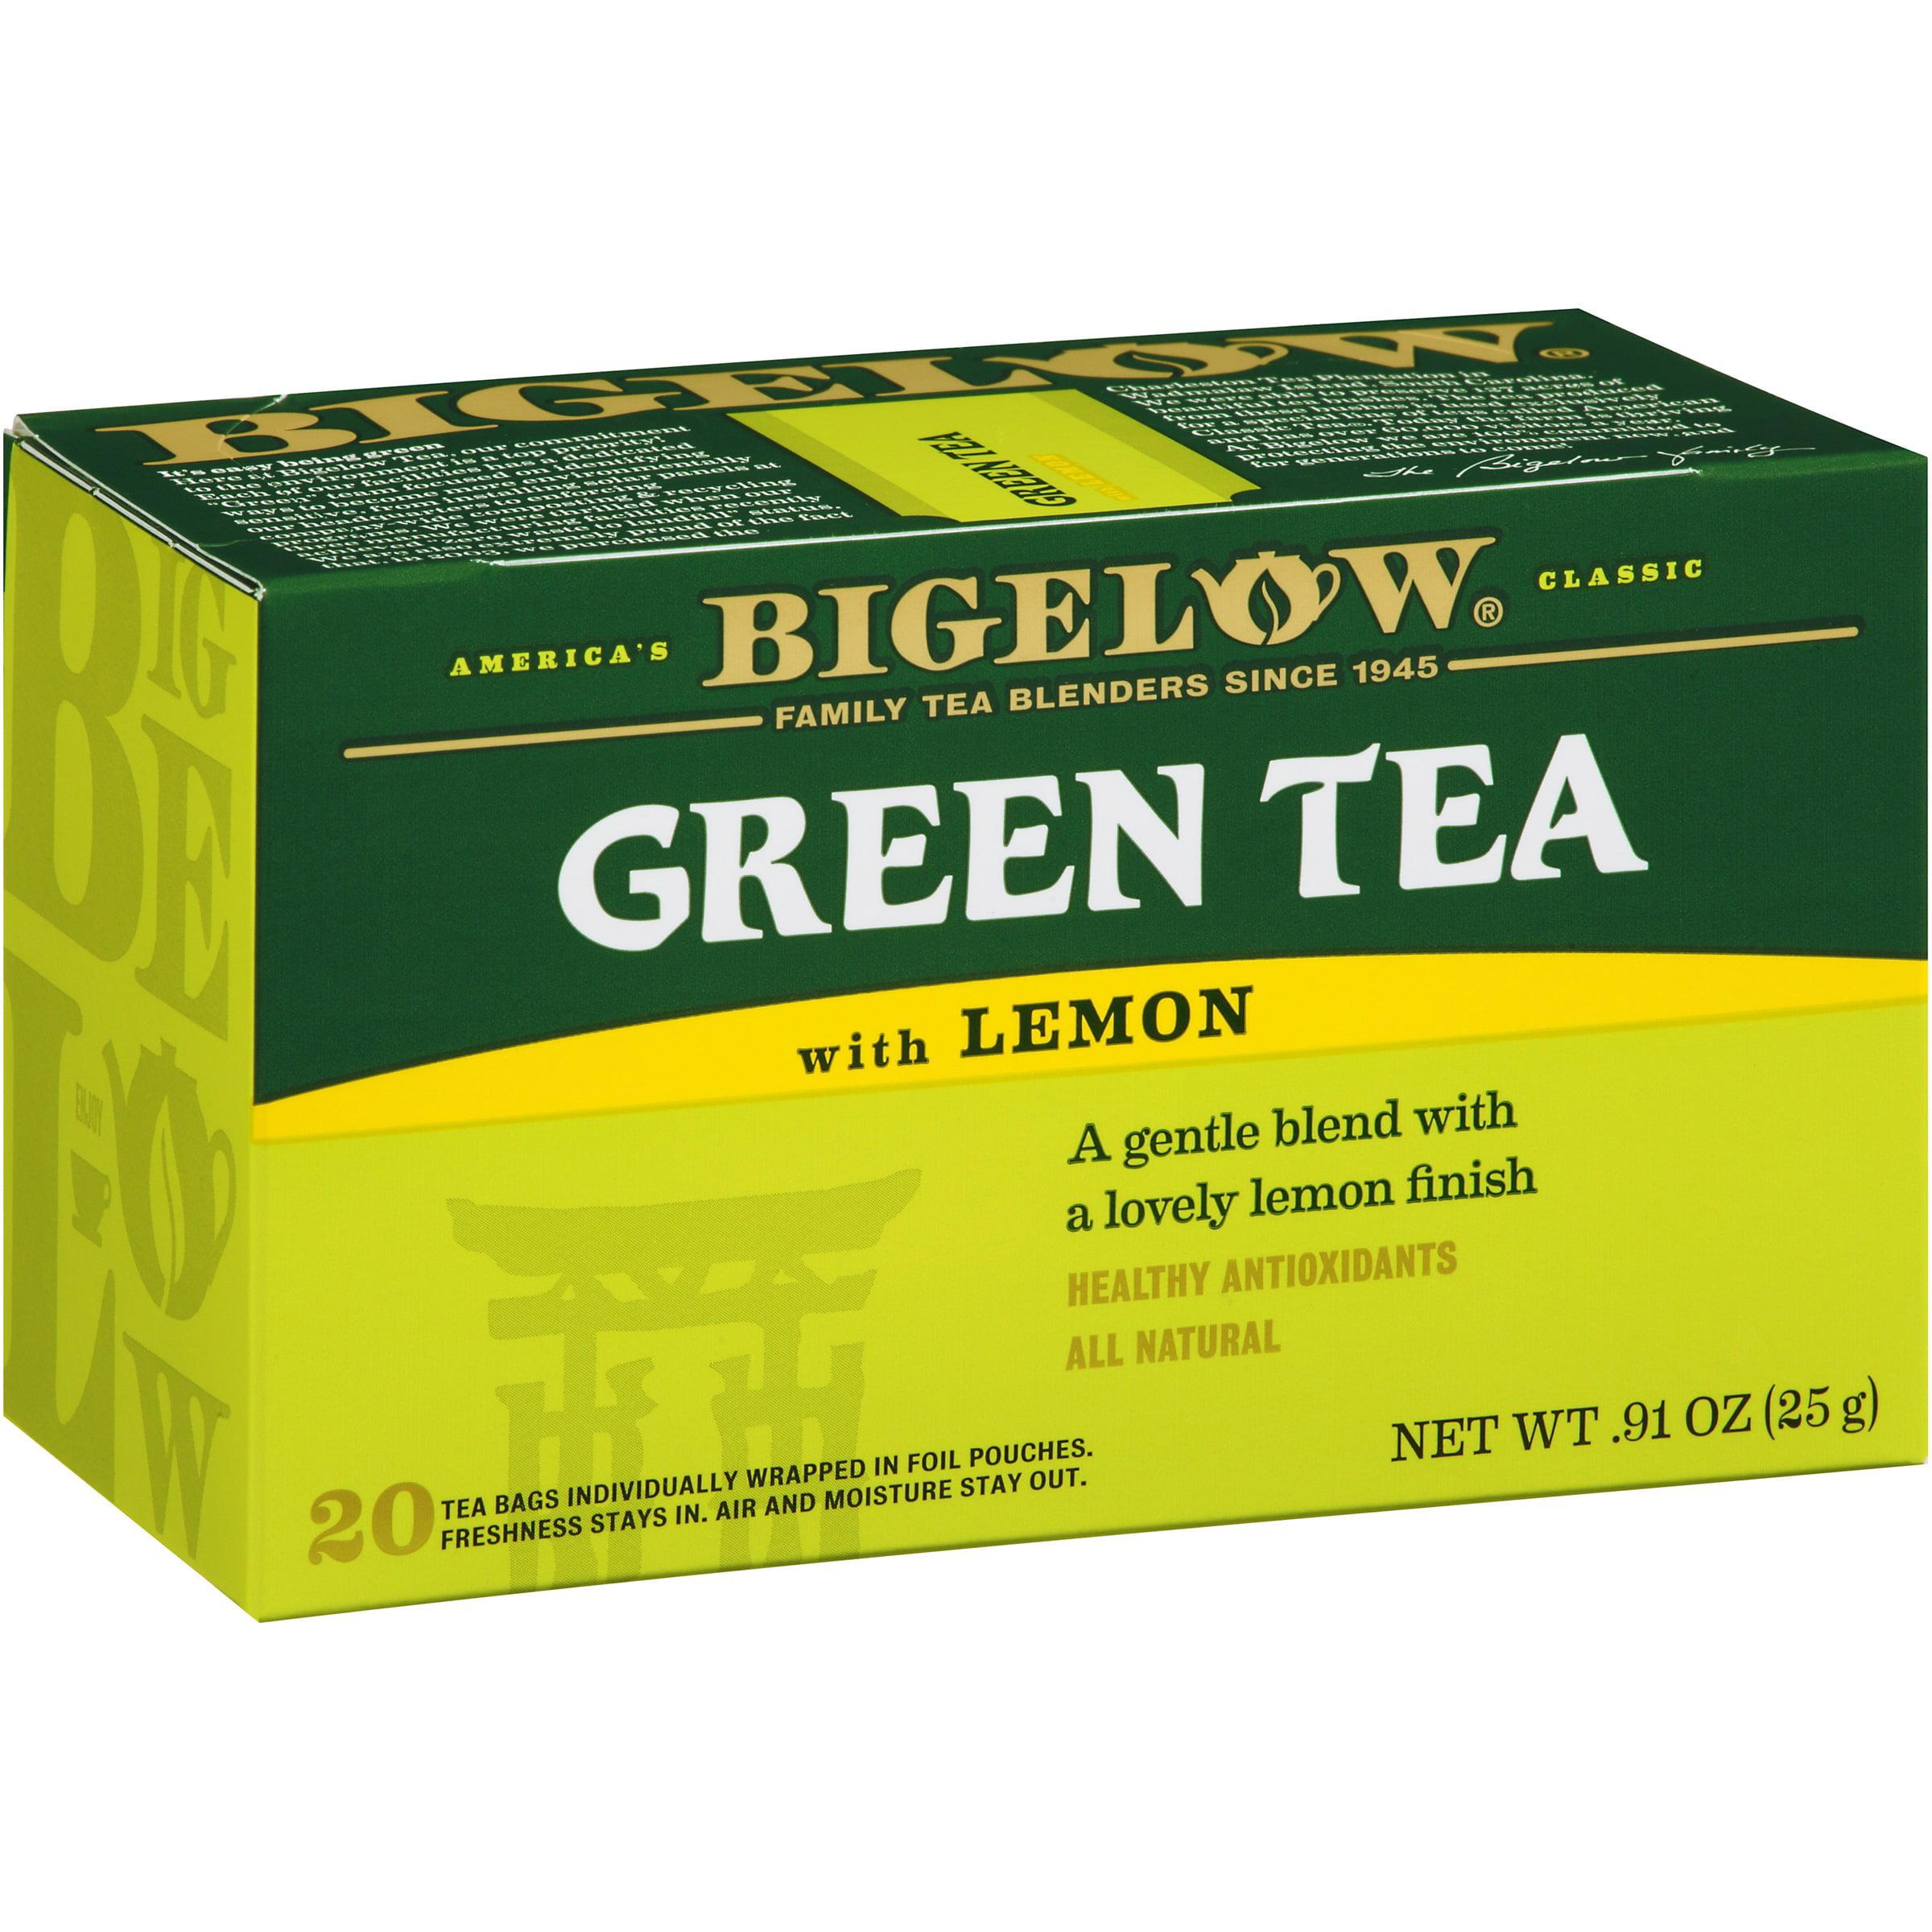 Bigelow Green Tea With Lemon Tea Bags, 20 ct by R.C. Bigelow, Inc.